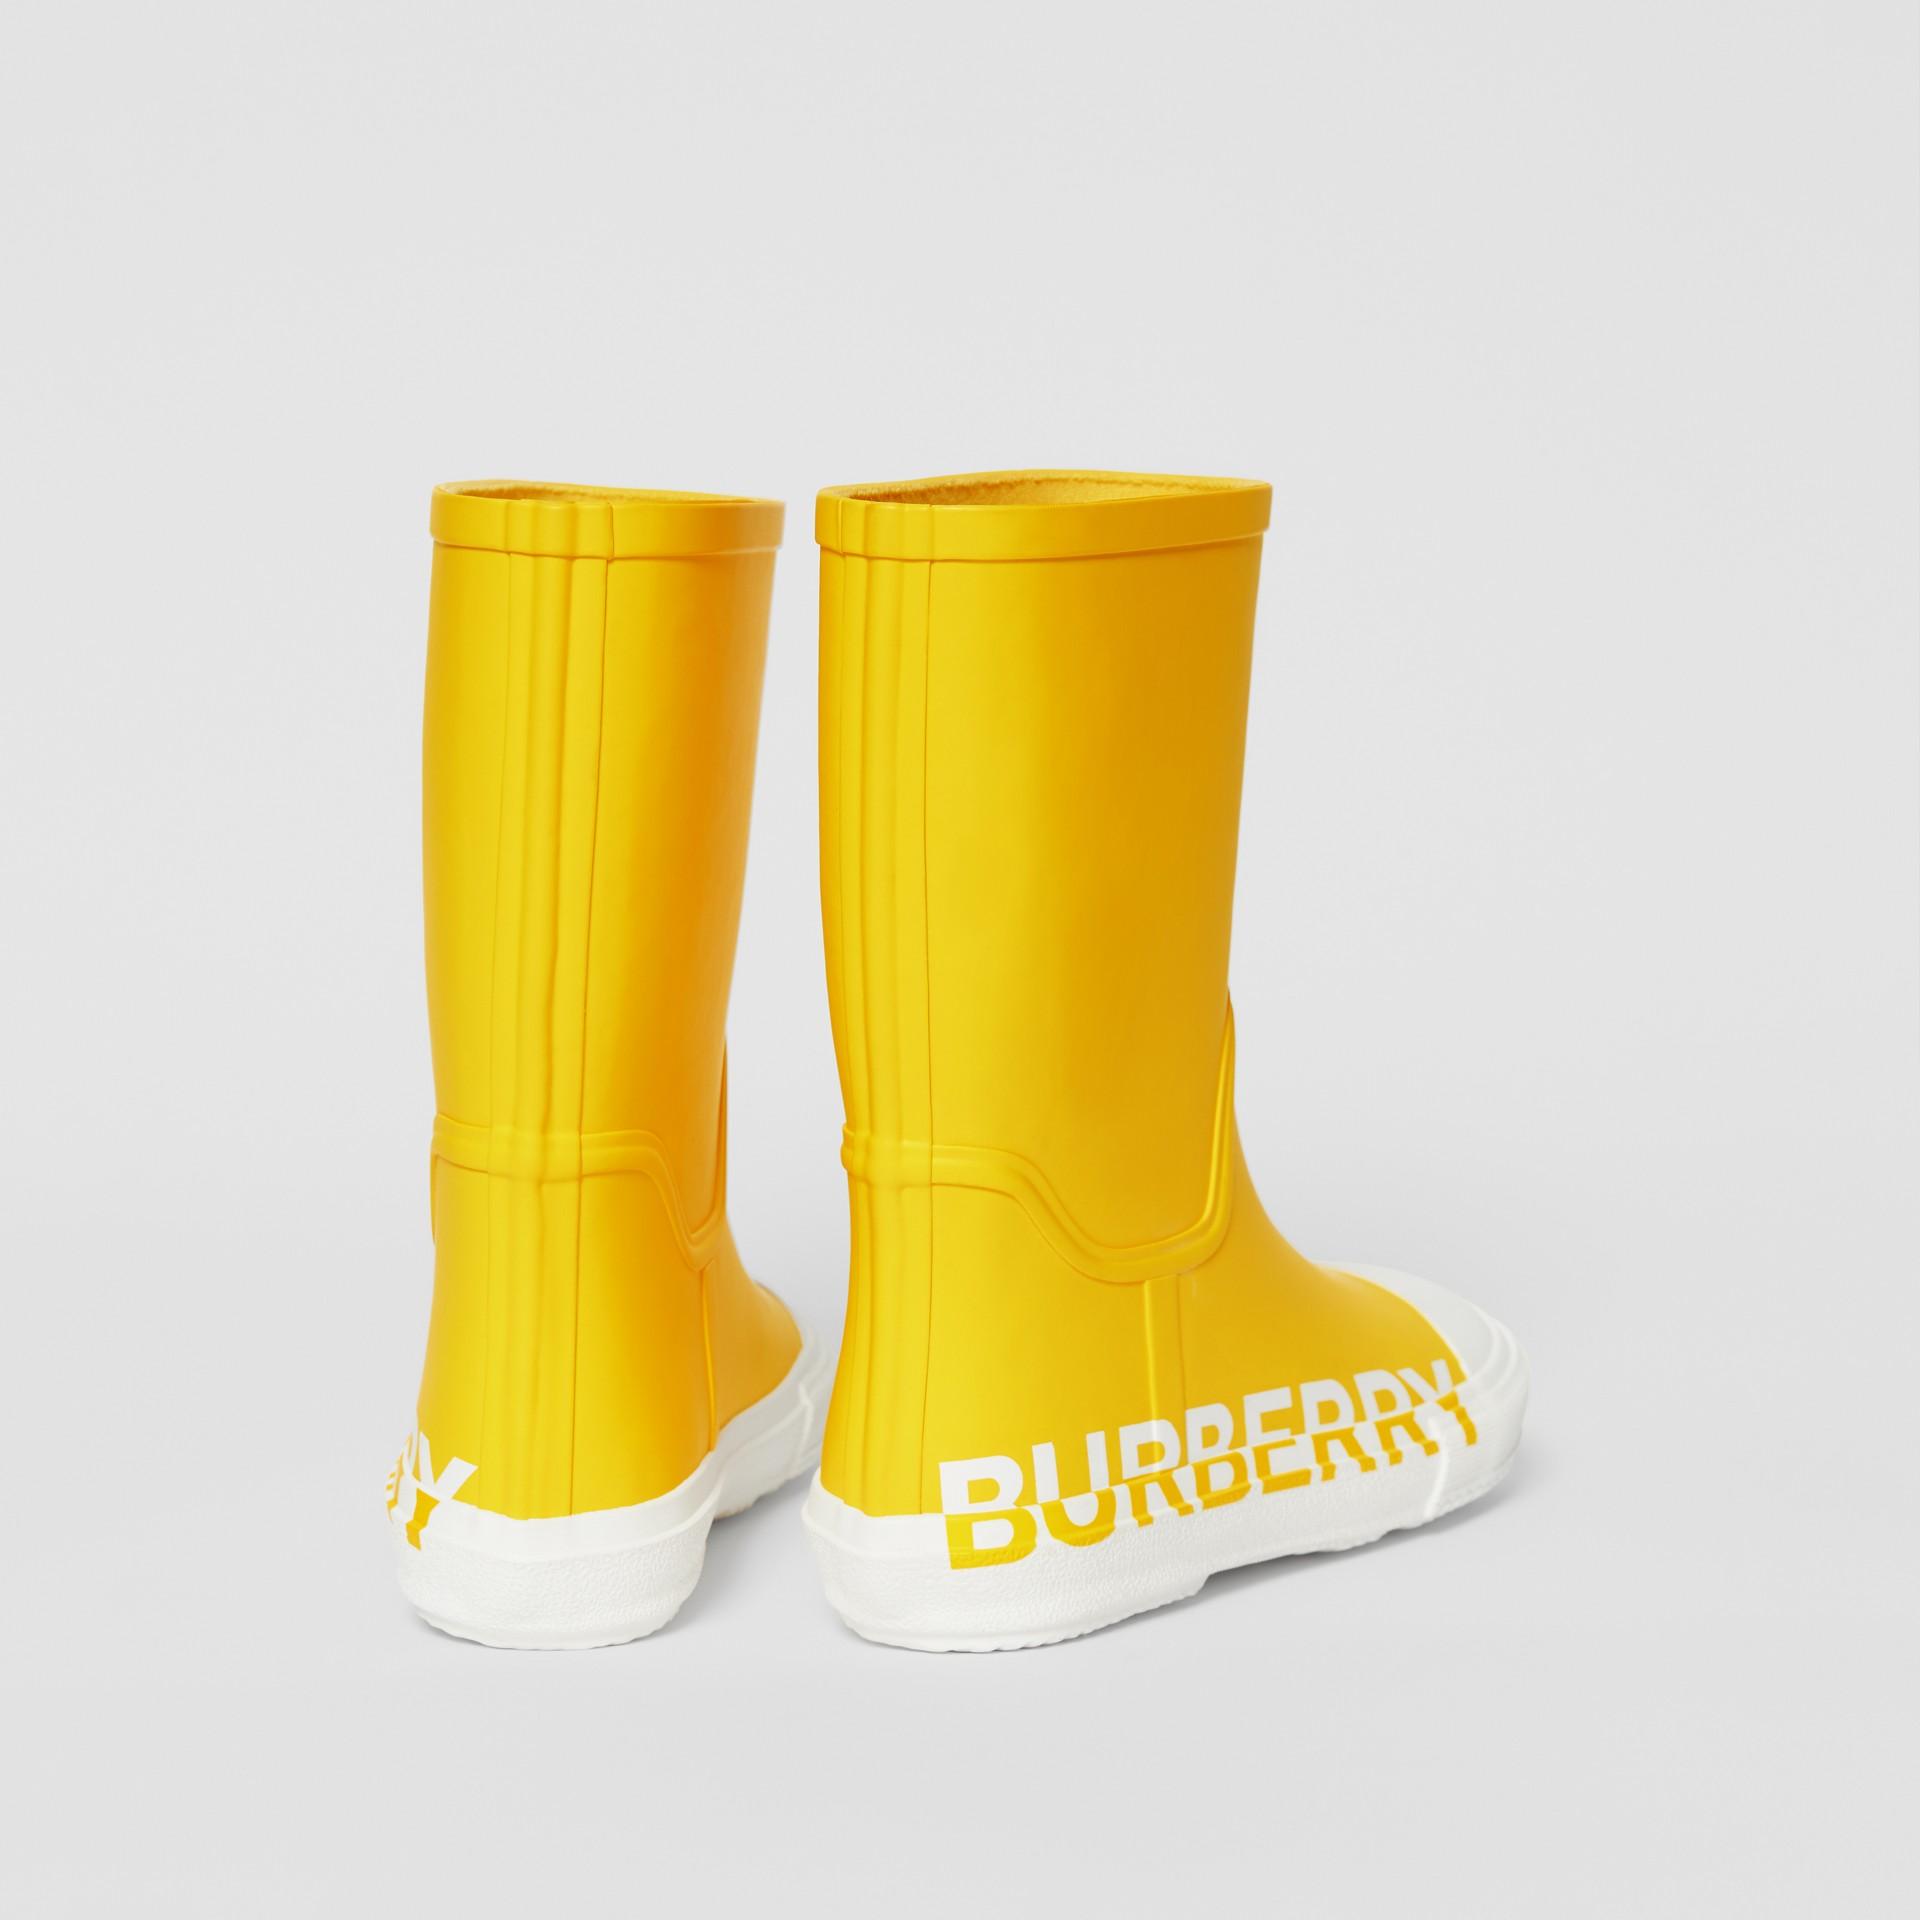 Двухцветные резиновые сапоги с логотипом (Канареечно-желтый) - Для детей | Burberry - изображение 2